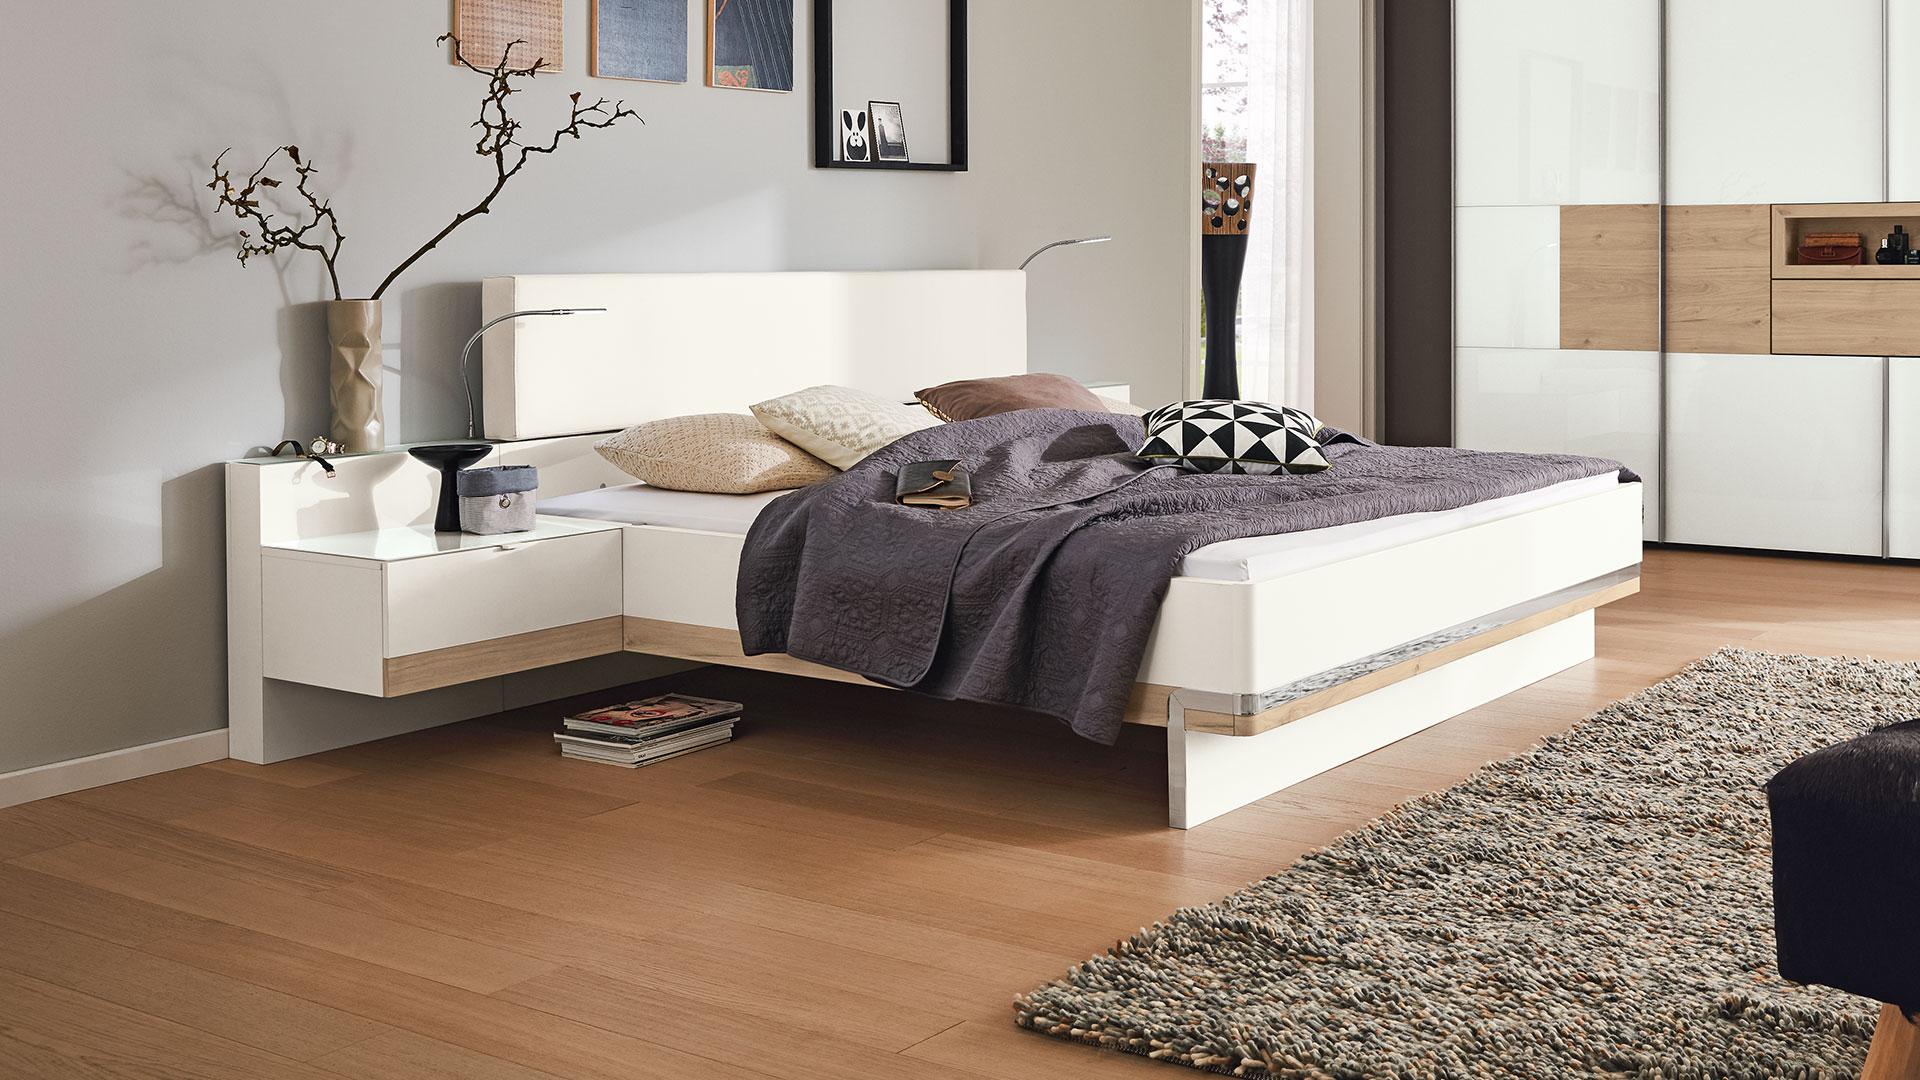 Full Size of Musterring Saphira Bett Schlafzimmer Kommode Schrank 200x200 Kieselgrau Kleiderschrank Hochwertige Betten Esstisch Wohnzimmer Musterring Saphira